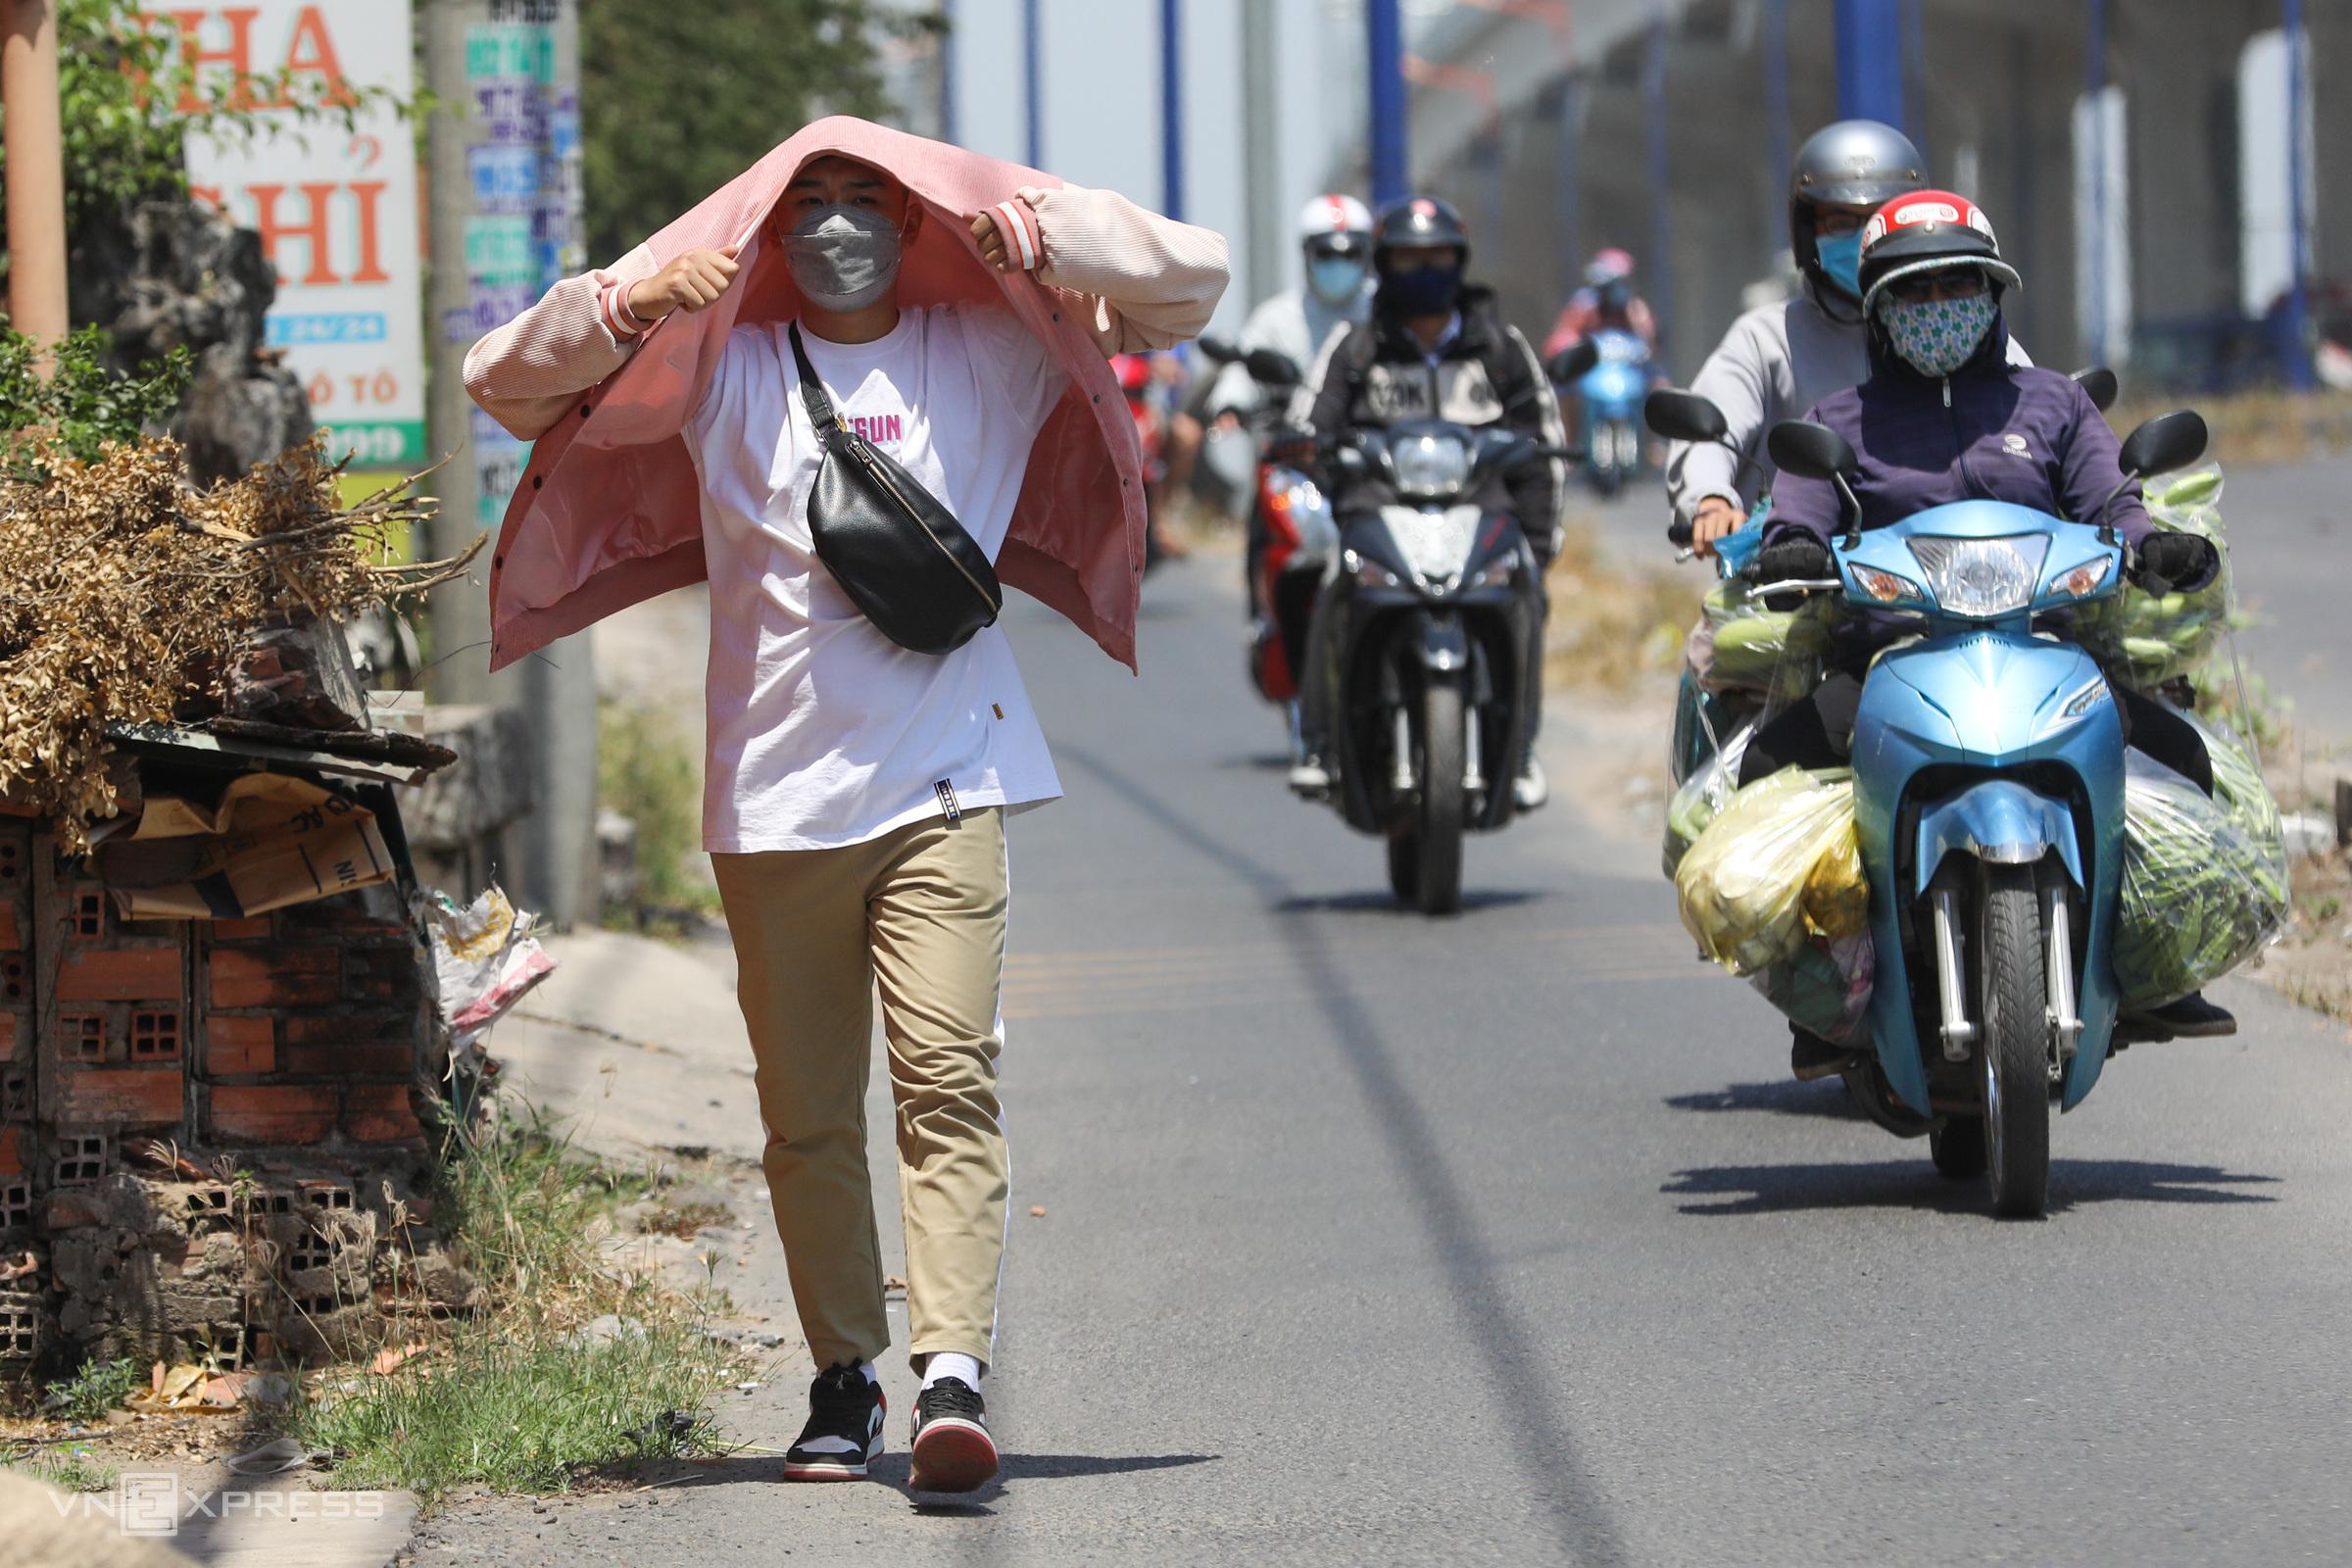 Một sinh viên đi bộ ra trạm xe buýt trong nắng nóng 38 độ C ở TP HCM hồi tháng ba. Ảnh: Quỳnh Trần.